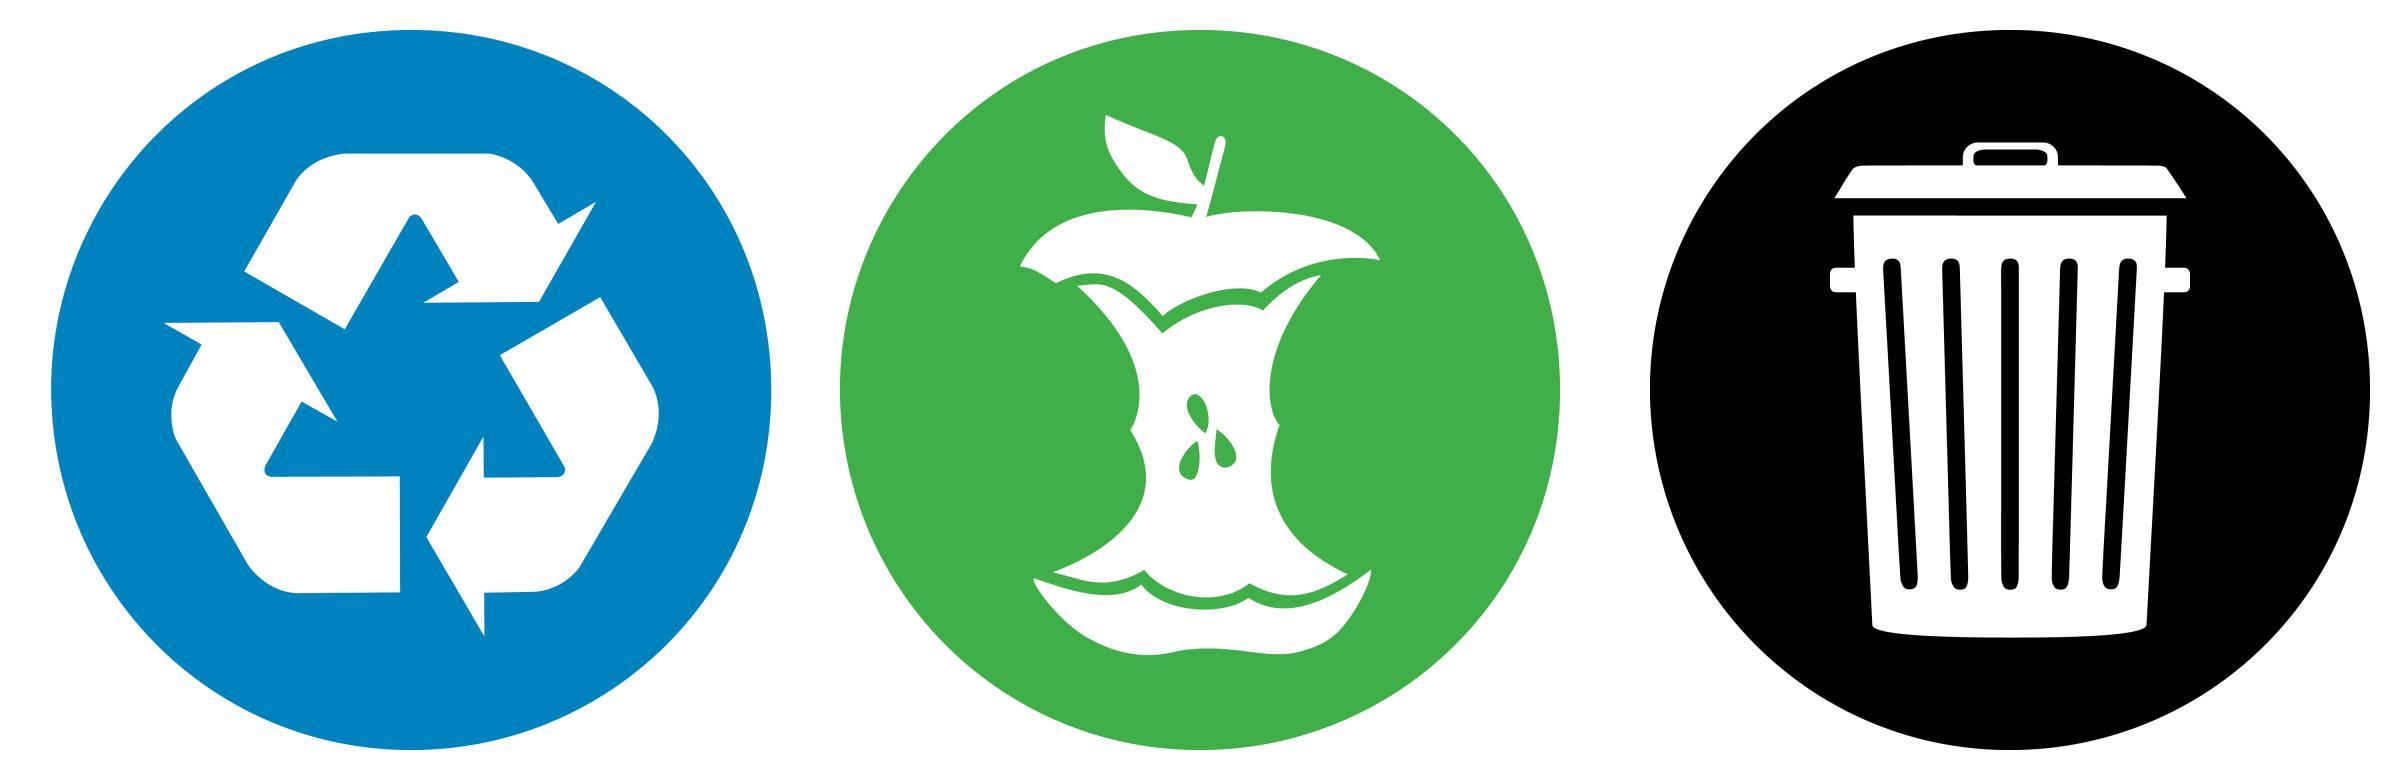 2400x780 Vermont Has New Universal Recycling Symbols Vermont Public Radio